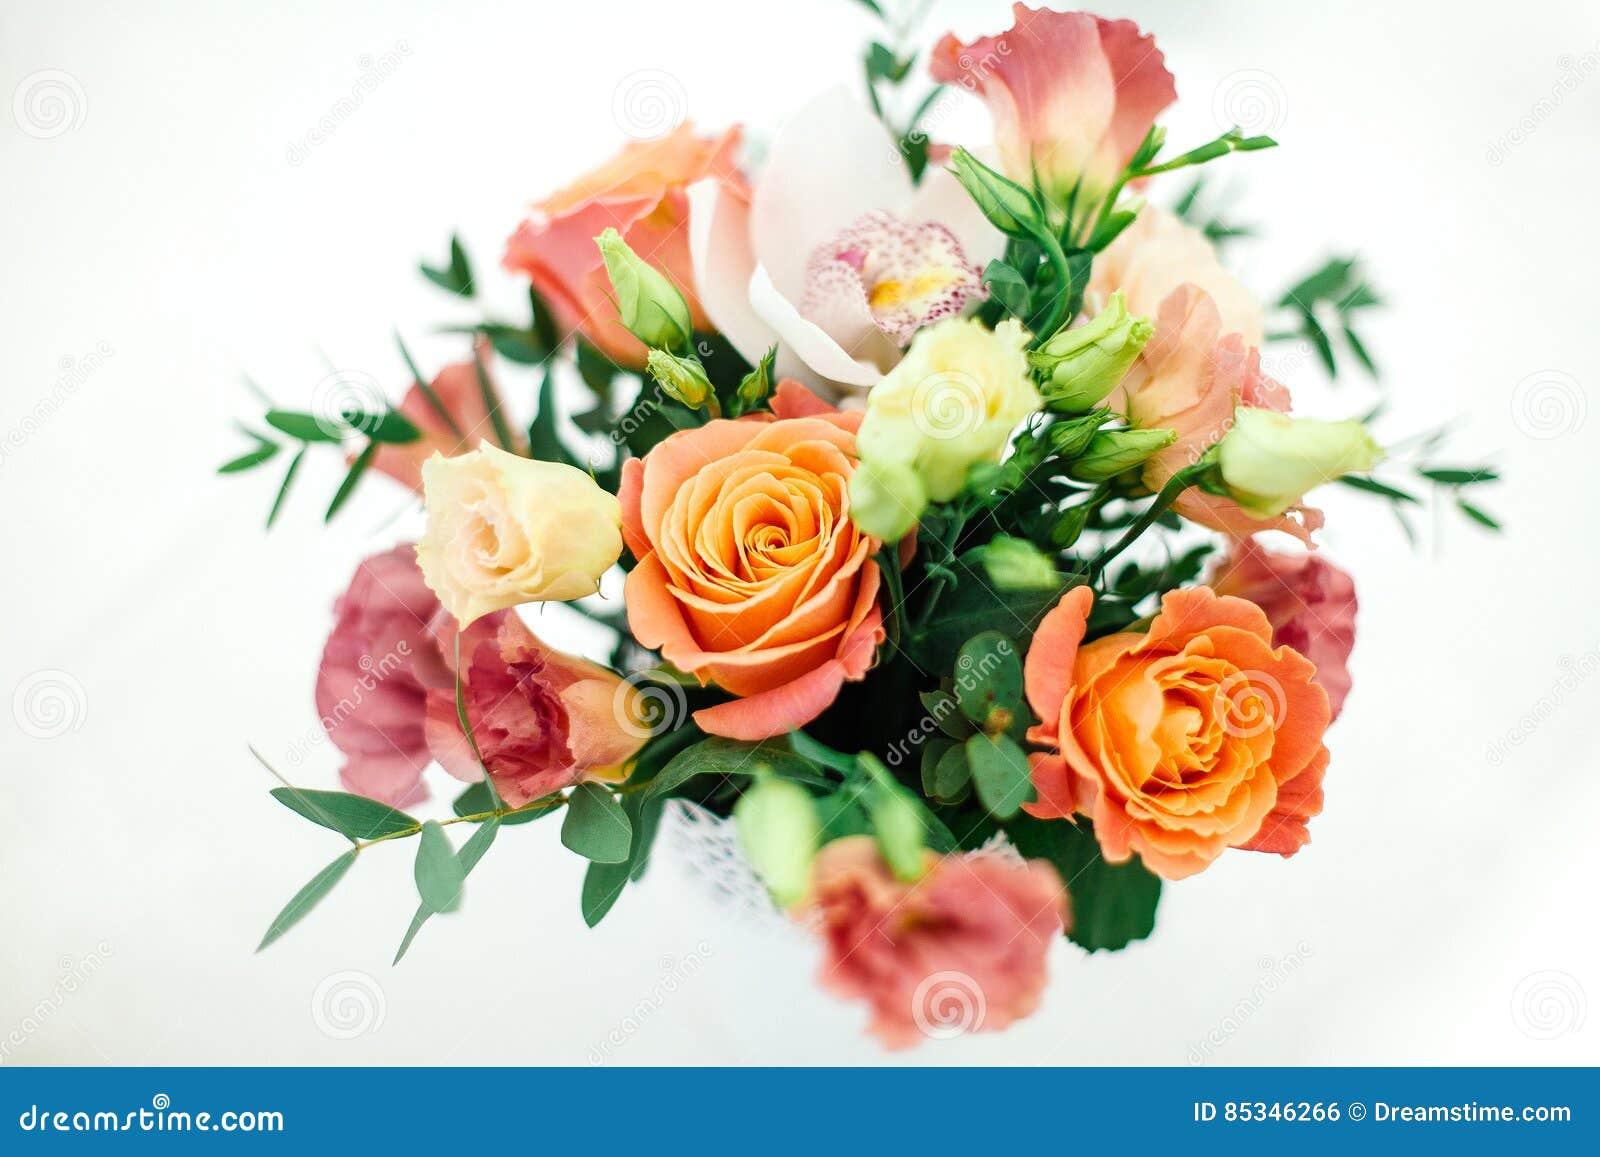 Hochzeitsblumen Im Topf Stockfoto Bild Von Botanisch 85346266